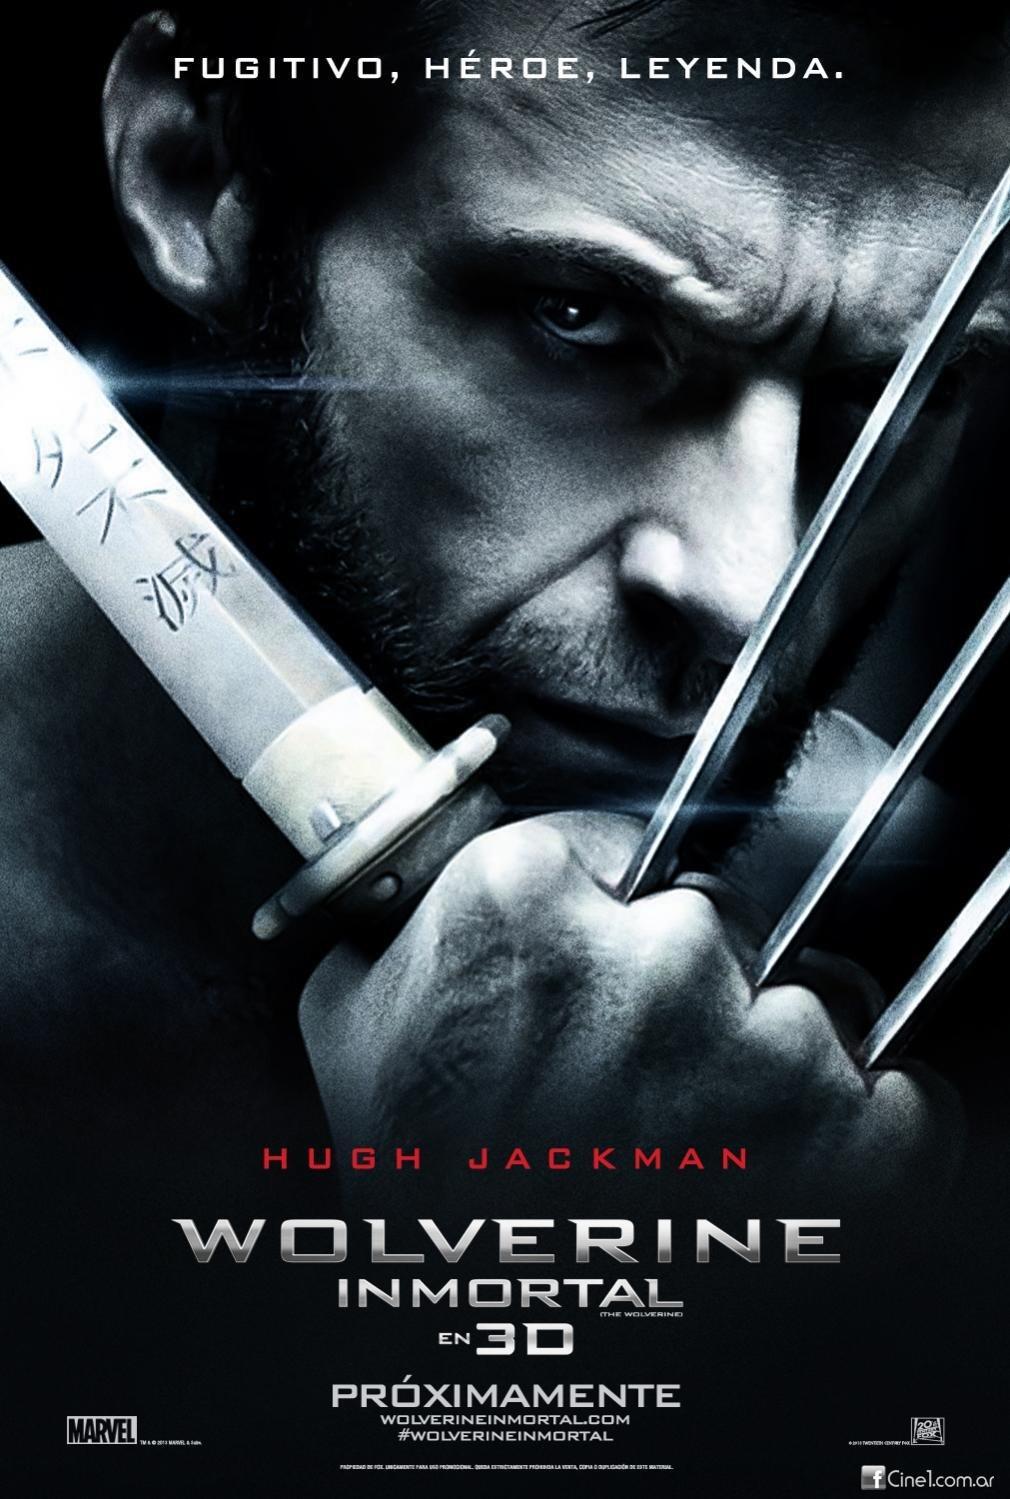 wolverine-poster-international-immortel